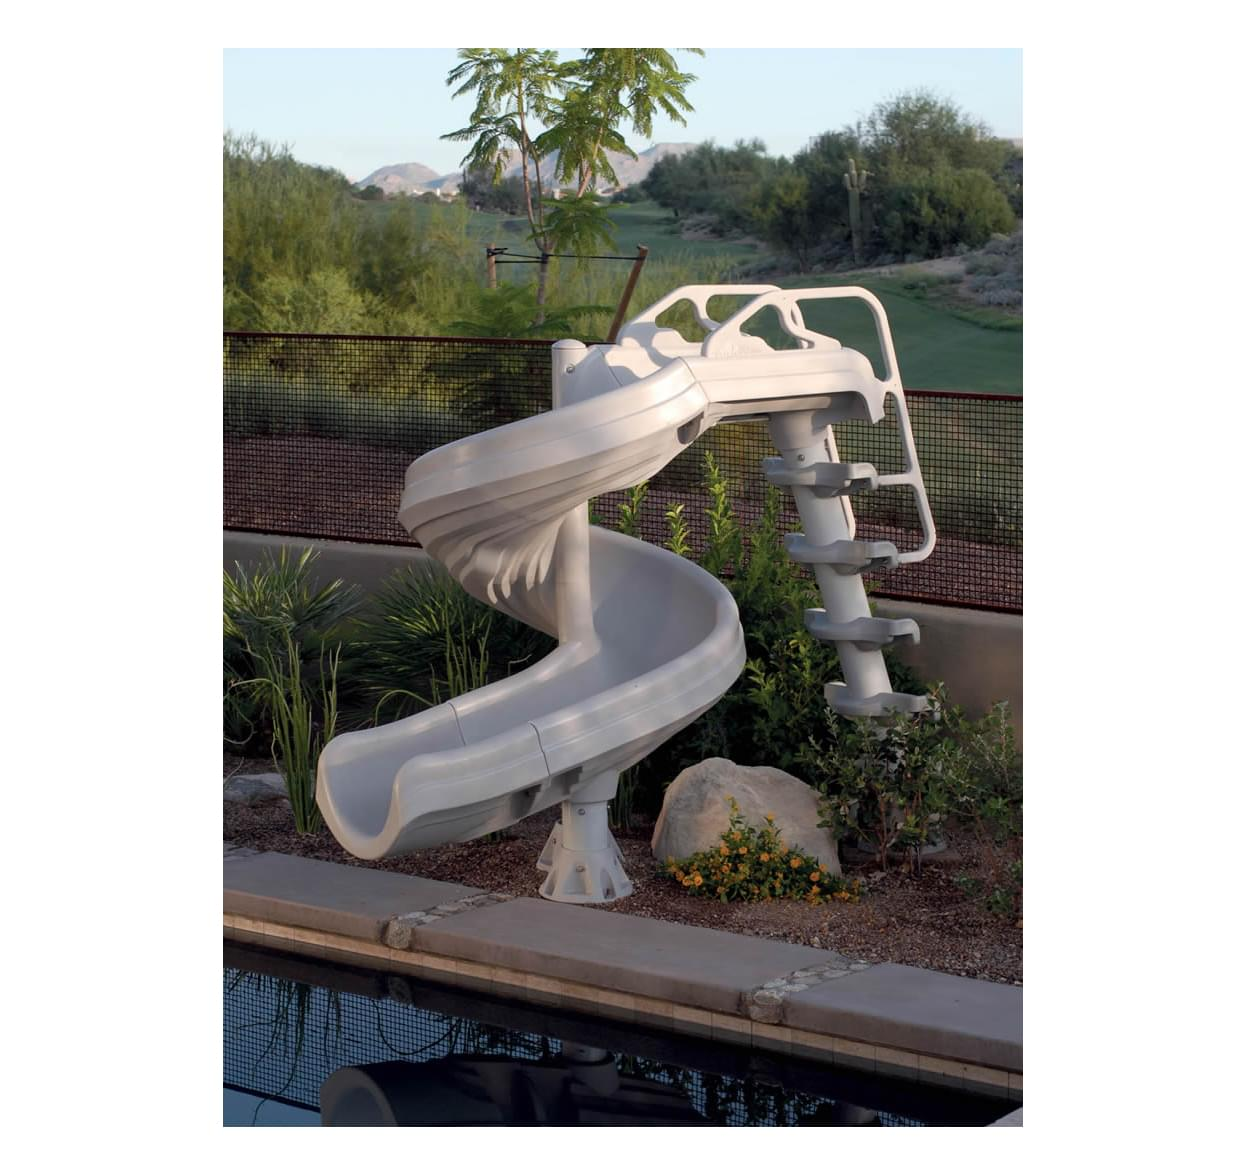 Glissade inter fab g force pour pisci magasin de piscine for Chauffe eau solaire pour piscine hors terre